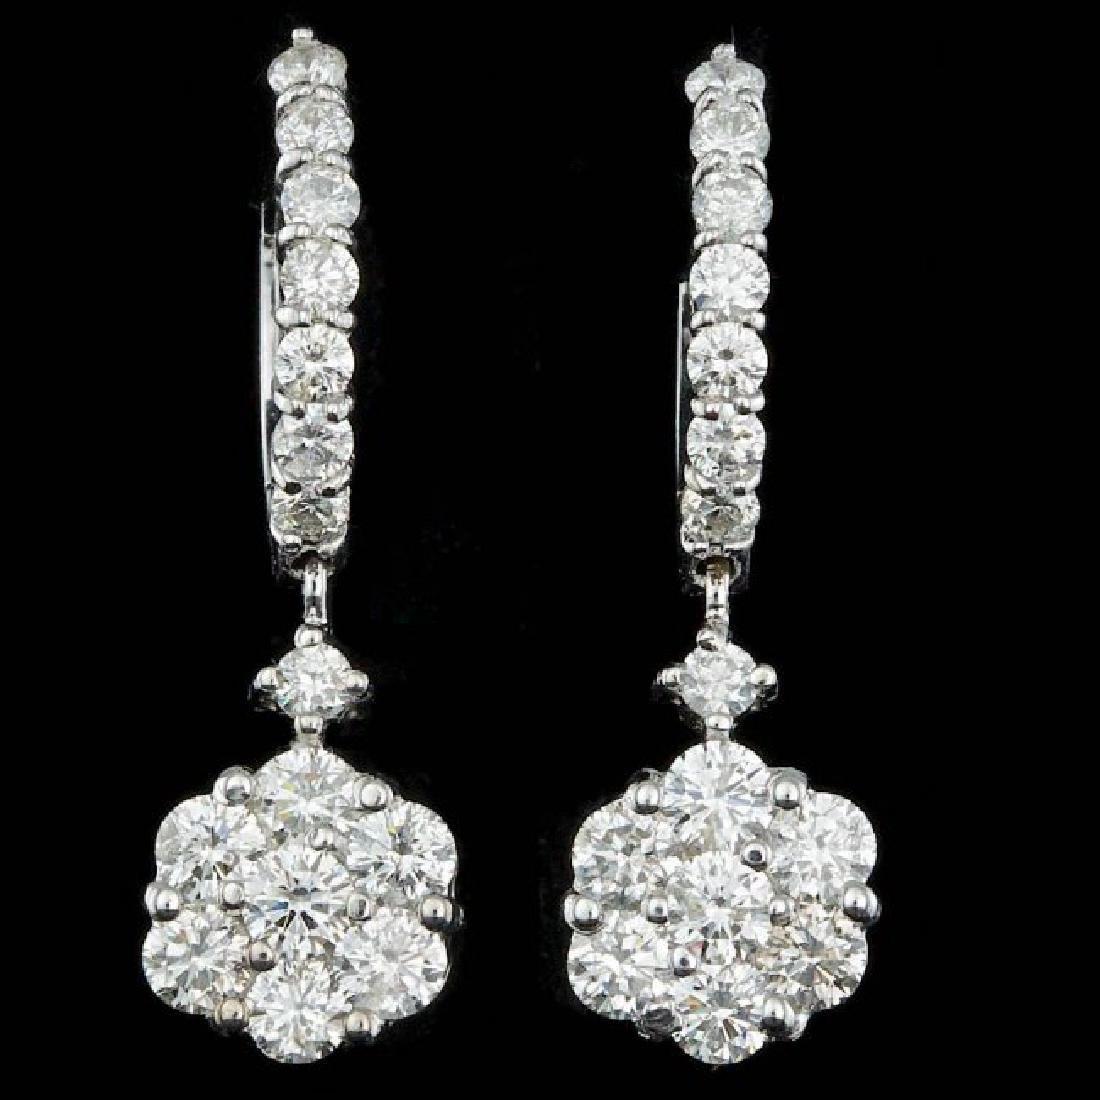 14k White Gold 2.00ct Diamond Earrings